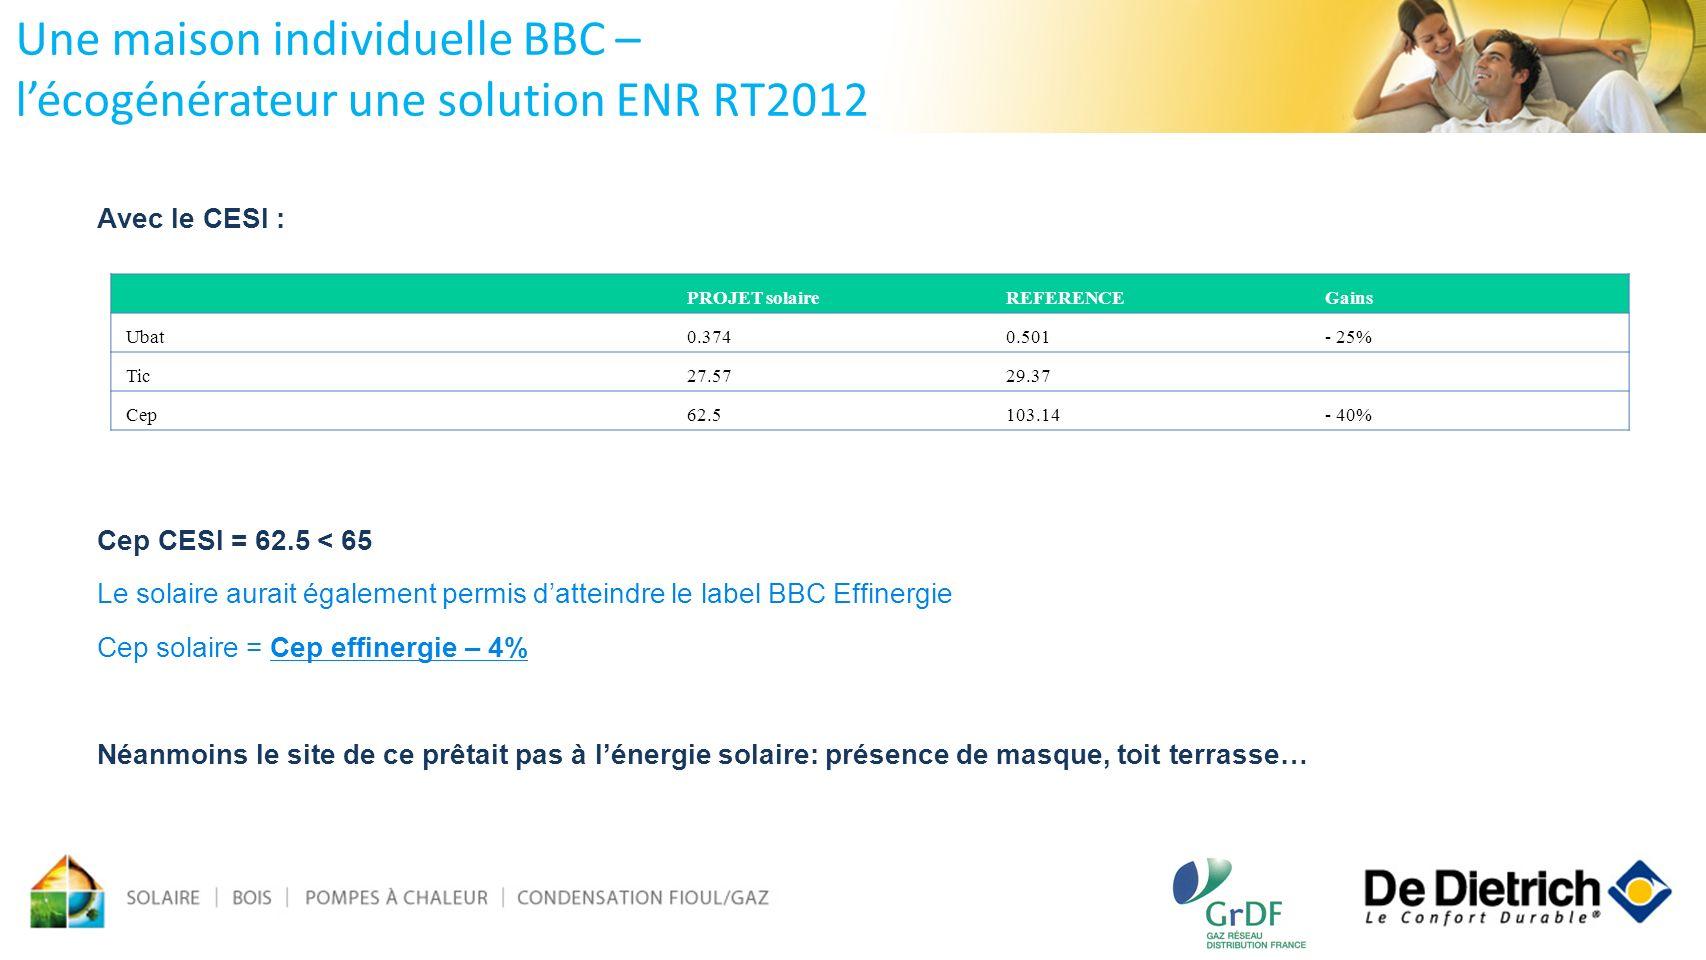 Avec le CESI : Cep CESI = 62.5 < 65 Le solaire aurait également permis datteindre le label BBC Effinergie Cep solaire = Cep effinergie – 4% Néanmoins